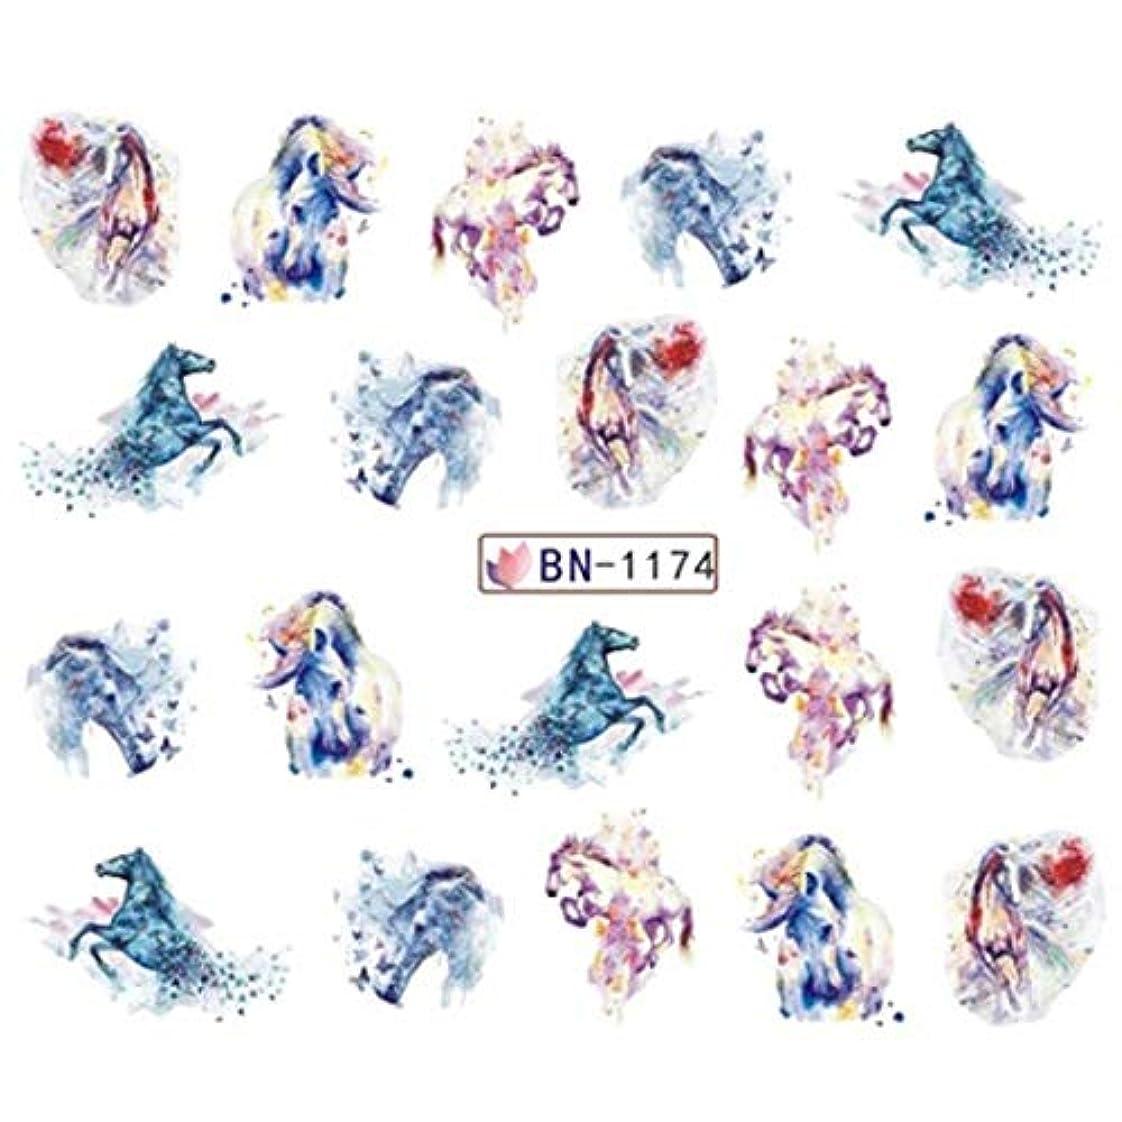 びんウイルス愛情深いSUKTI&XIAO ネイルステッカー 1ピースネイルステッカー透かしインクデザイン水転写スライダー動物の花マニキュア装飾ネイルアートのヒントデカール、Bn1174